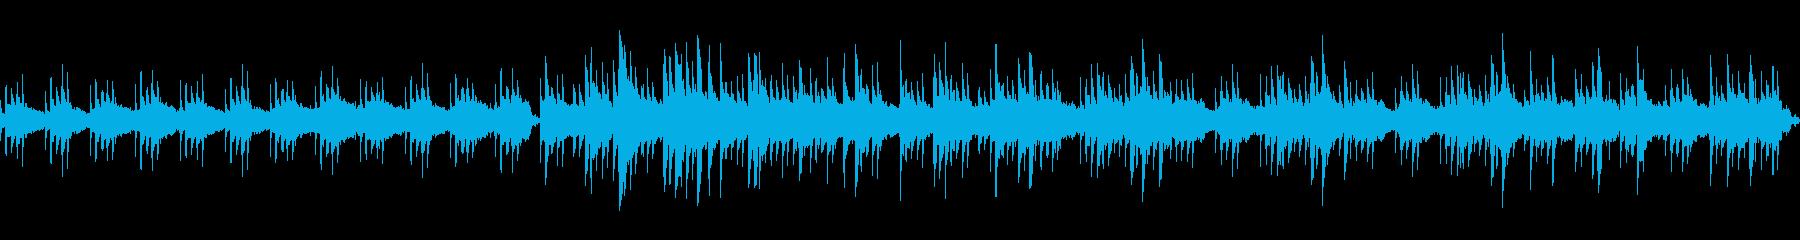 煌びやかで美しいピアノストリングスの再生済みの波形